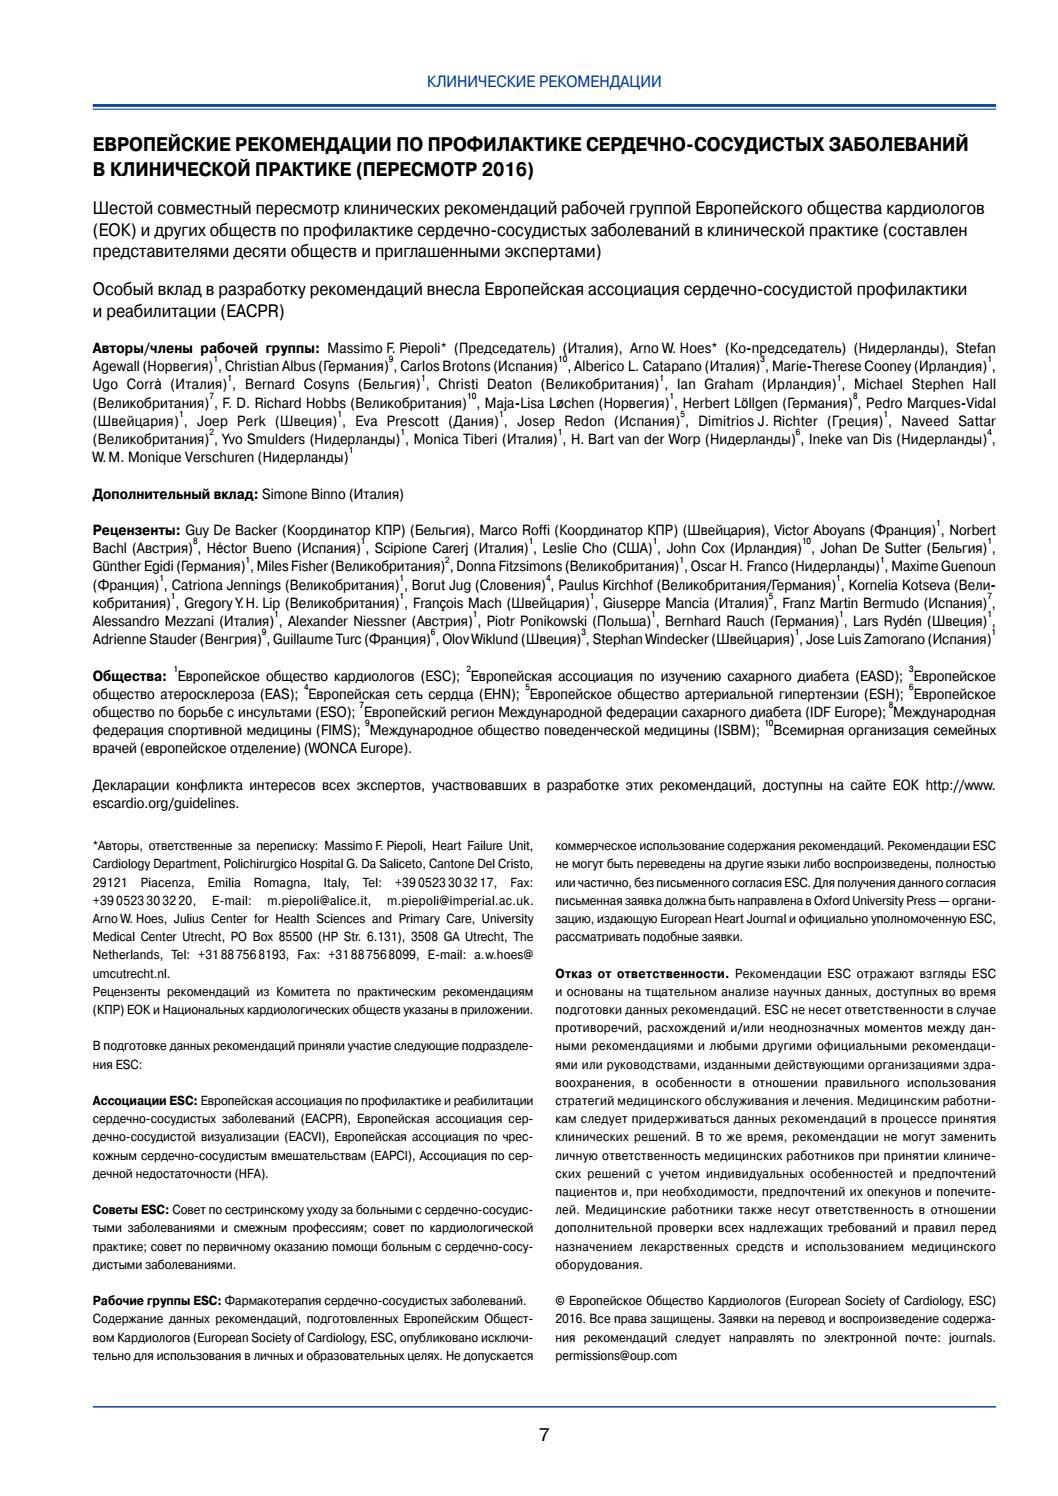 Борьба с атеросклерозом сосудов — методы и рекомендации